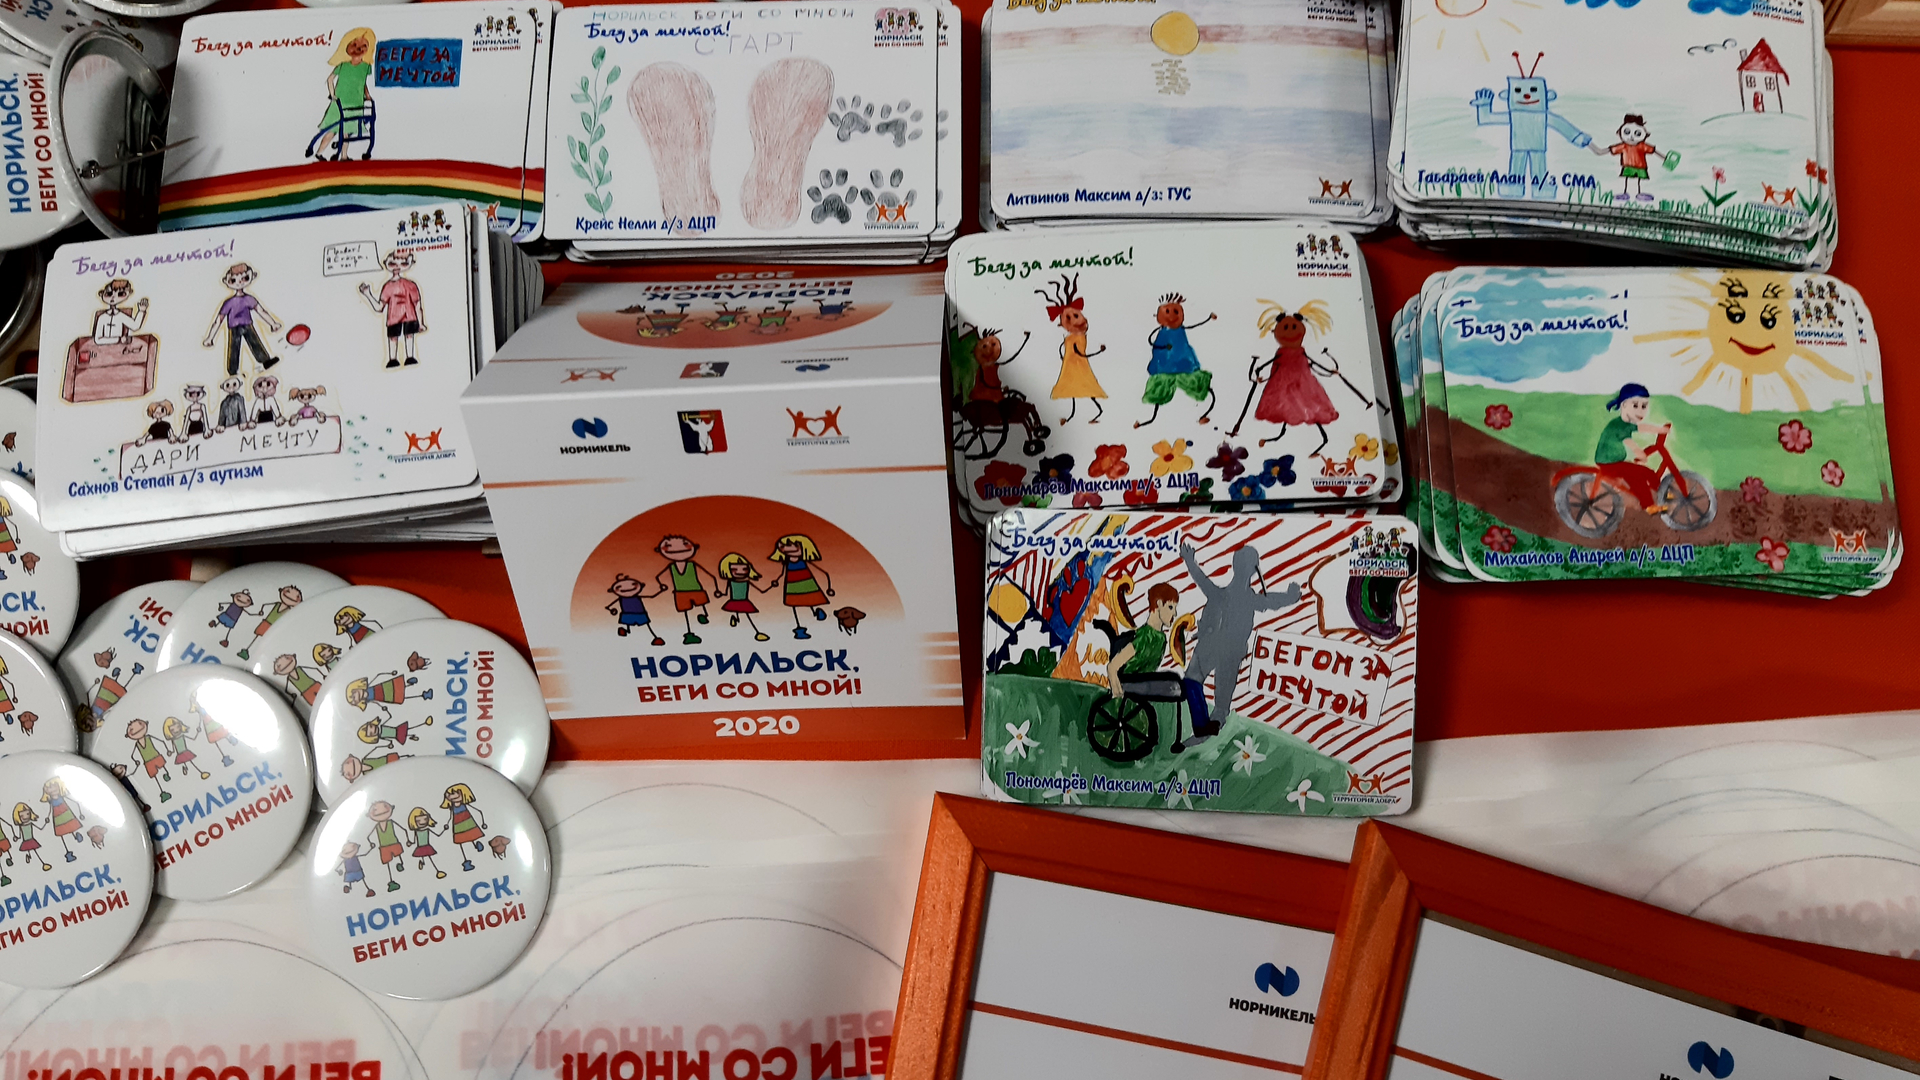 Подведены промежуточные итоги забега «Норильск, беги со мной!». Регистрация продлена до конца лета